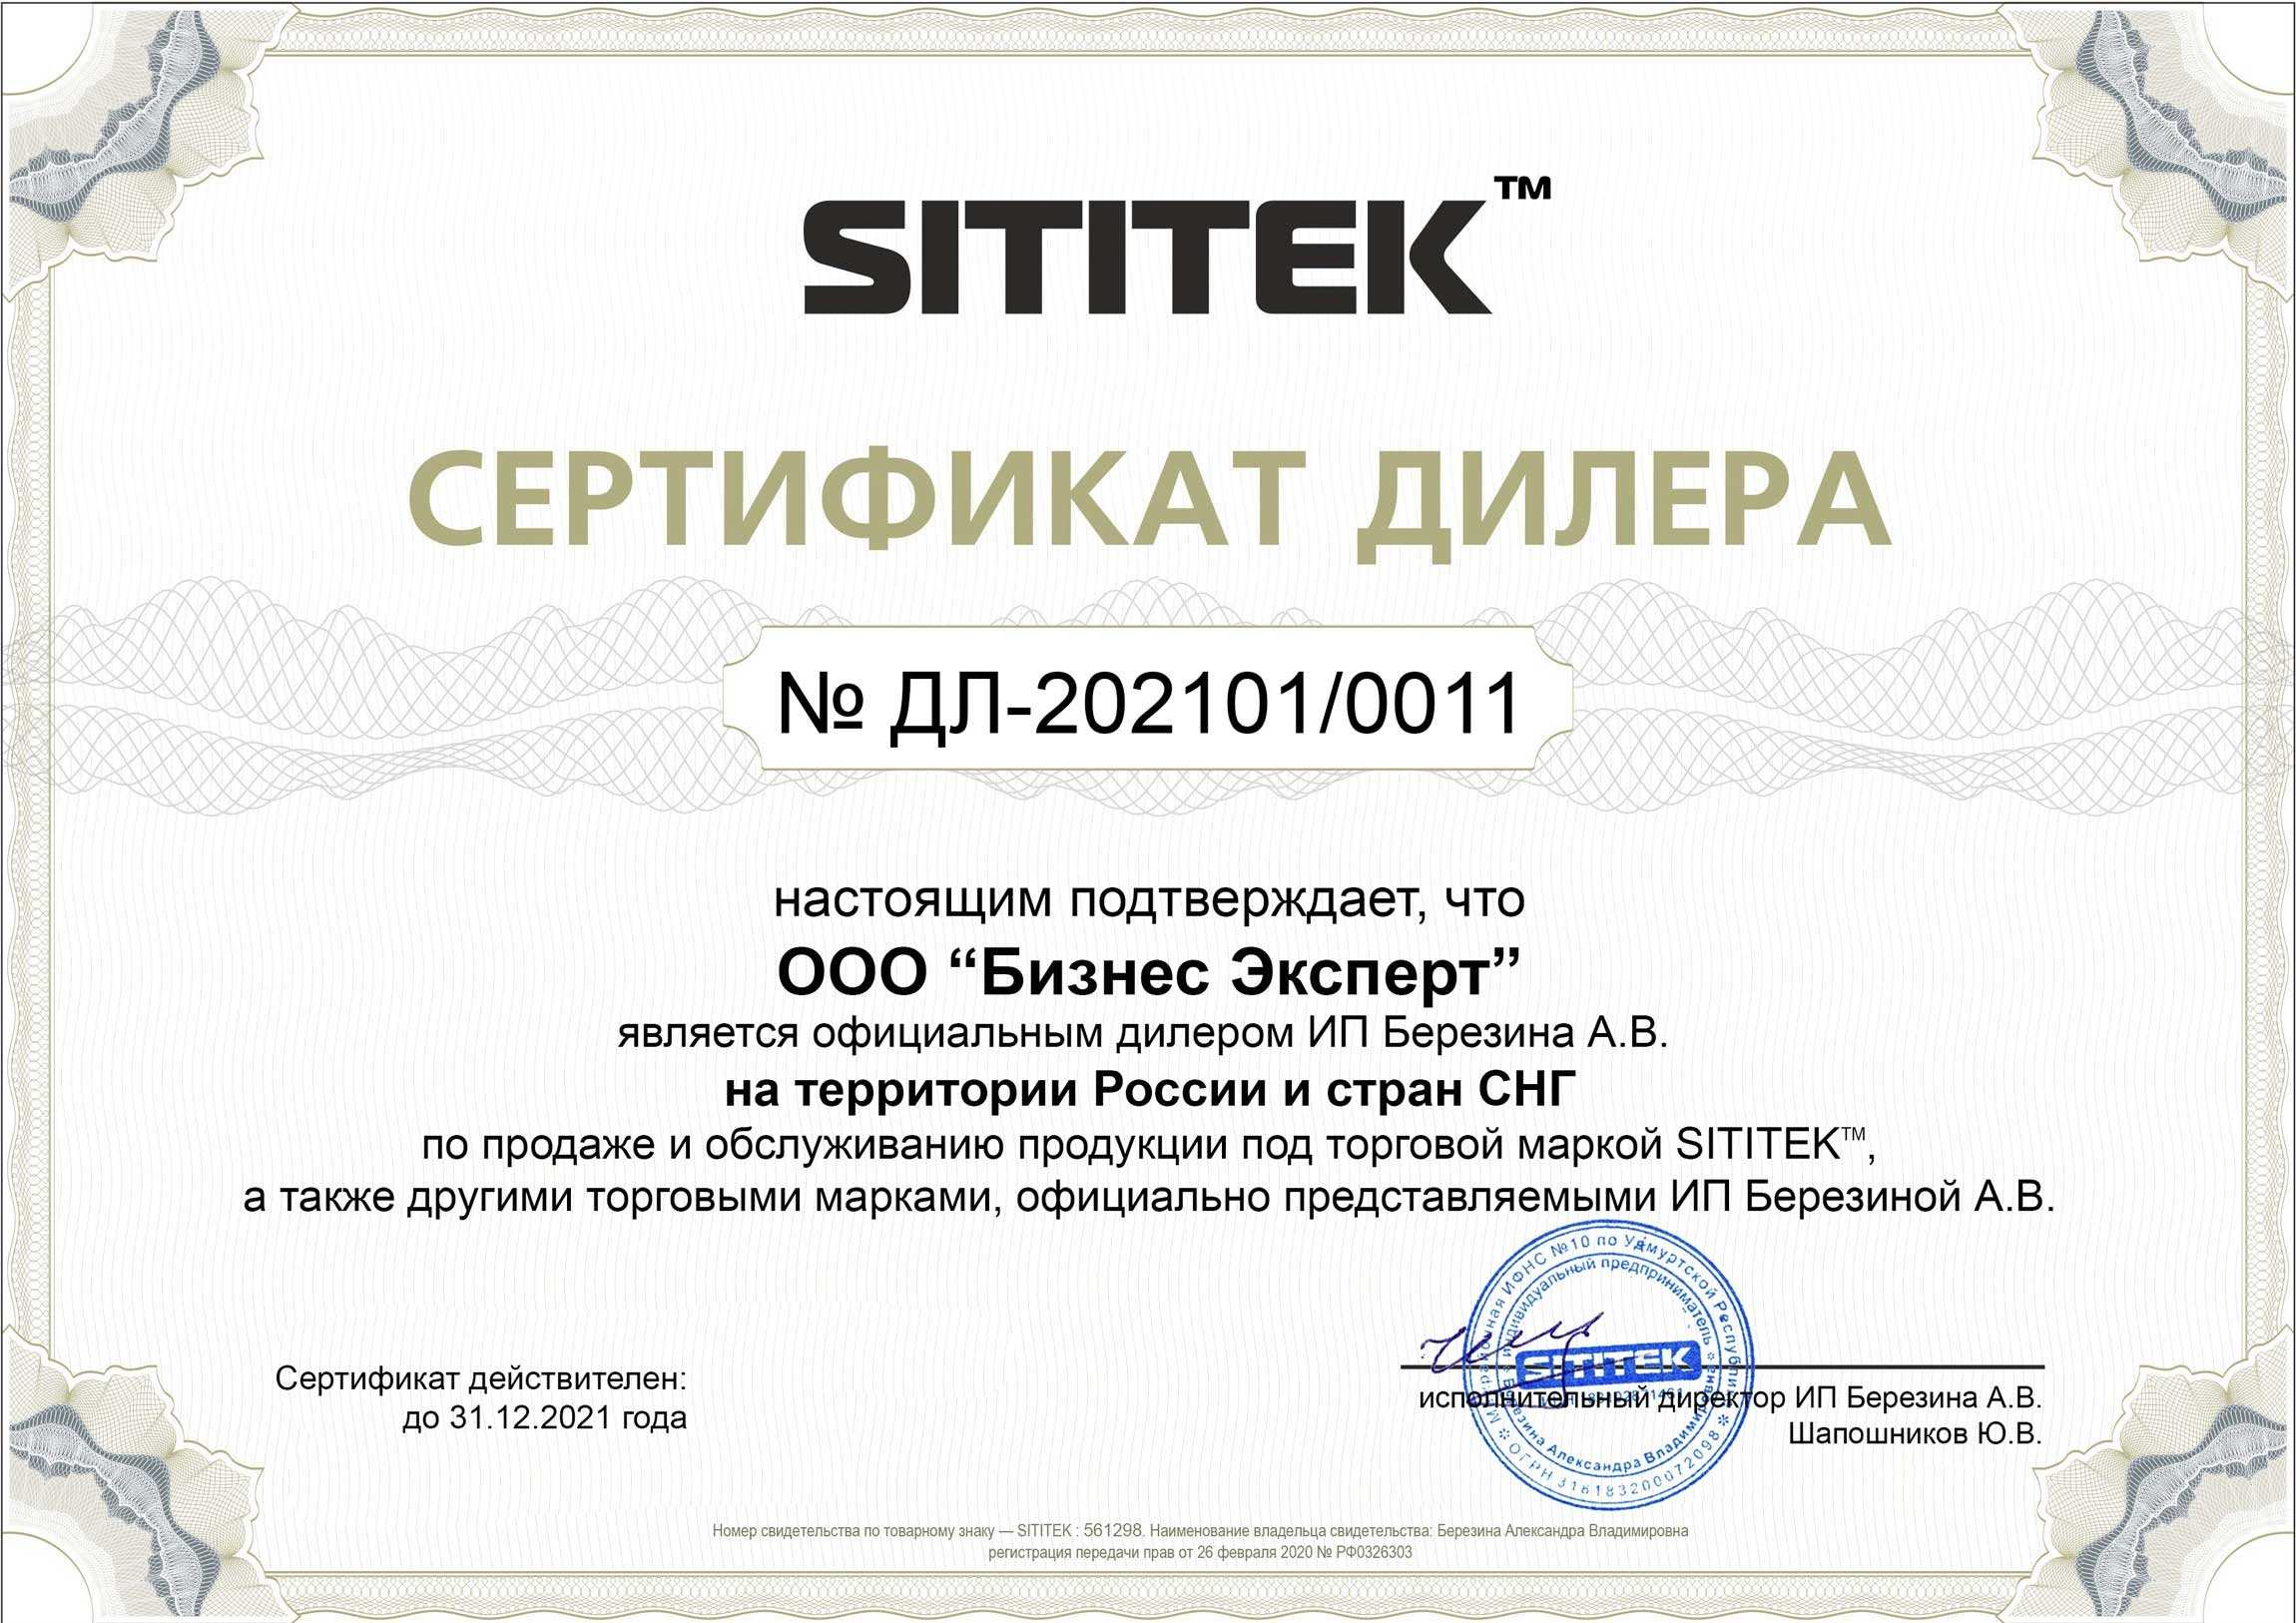 """Наш Интернет-магазин является официальным дилером компании """"Сититек"""" и обладает правом реализации и обслуживания техники, представленной в РФ и СНГ под этой торговой маркой"""